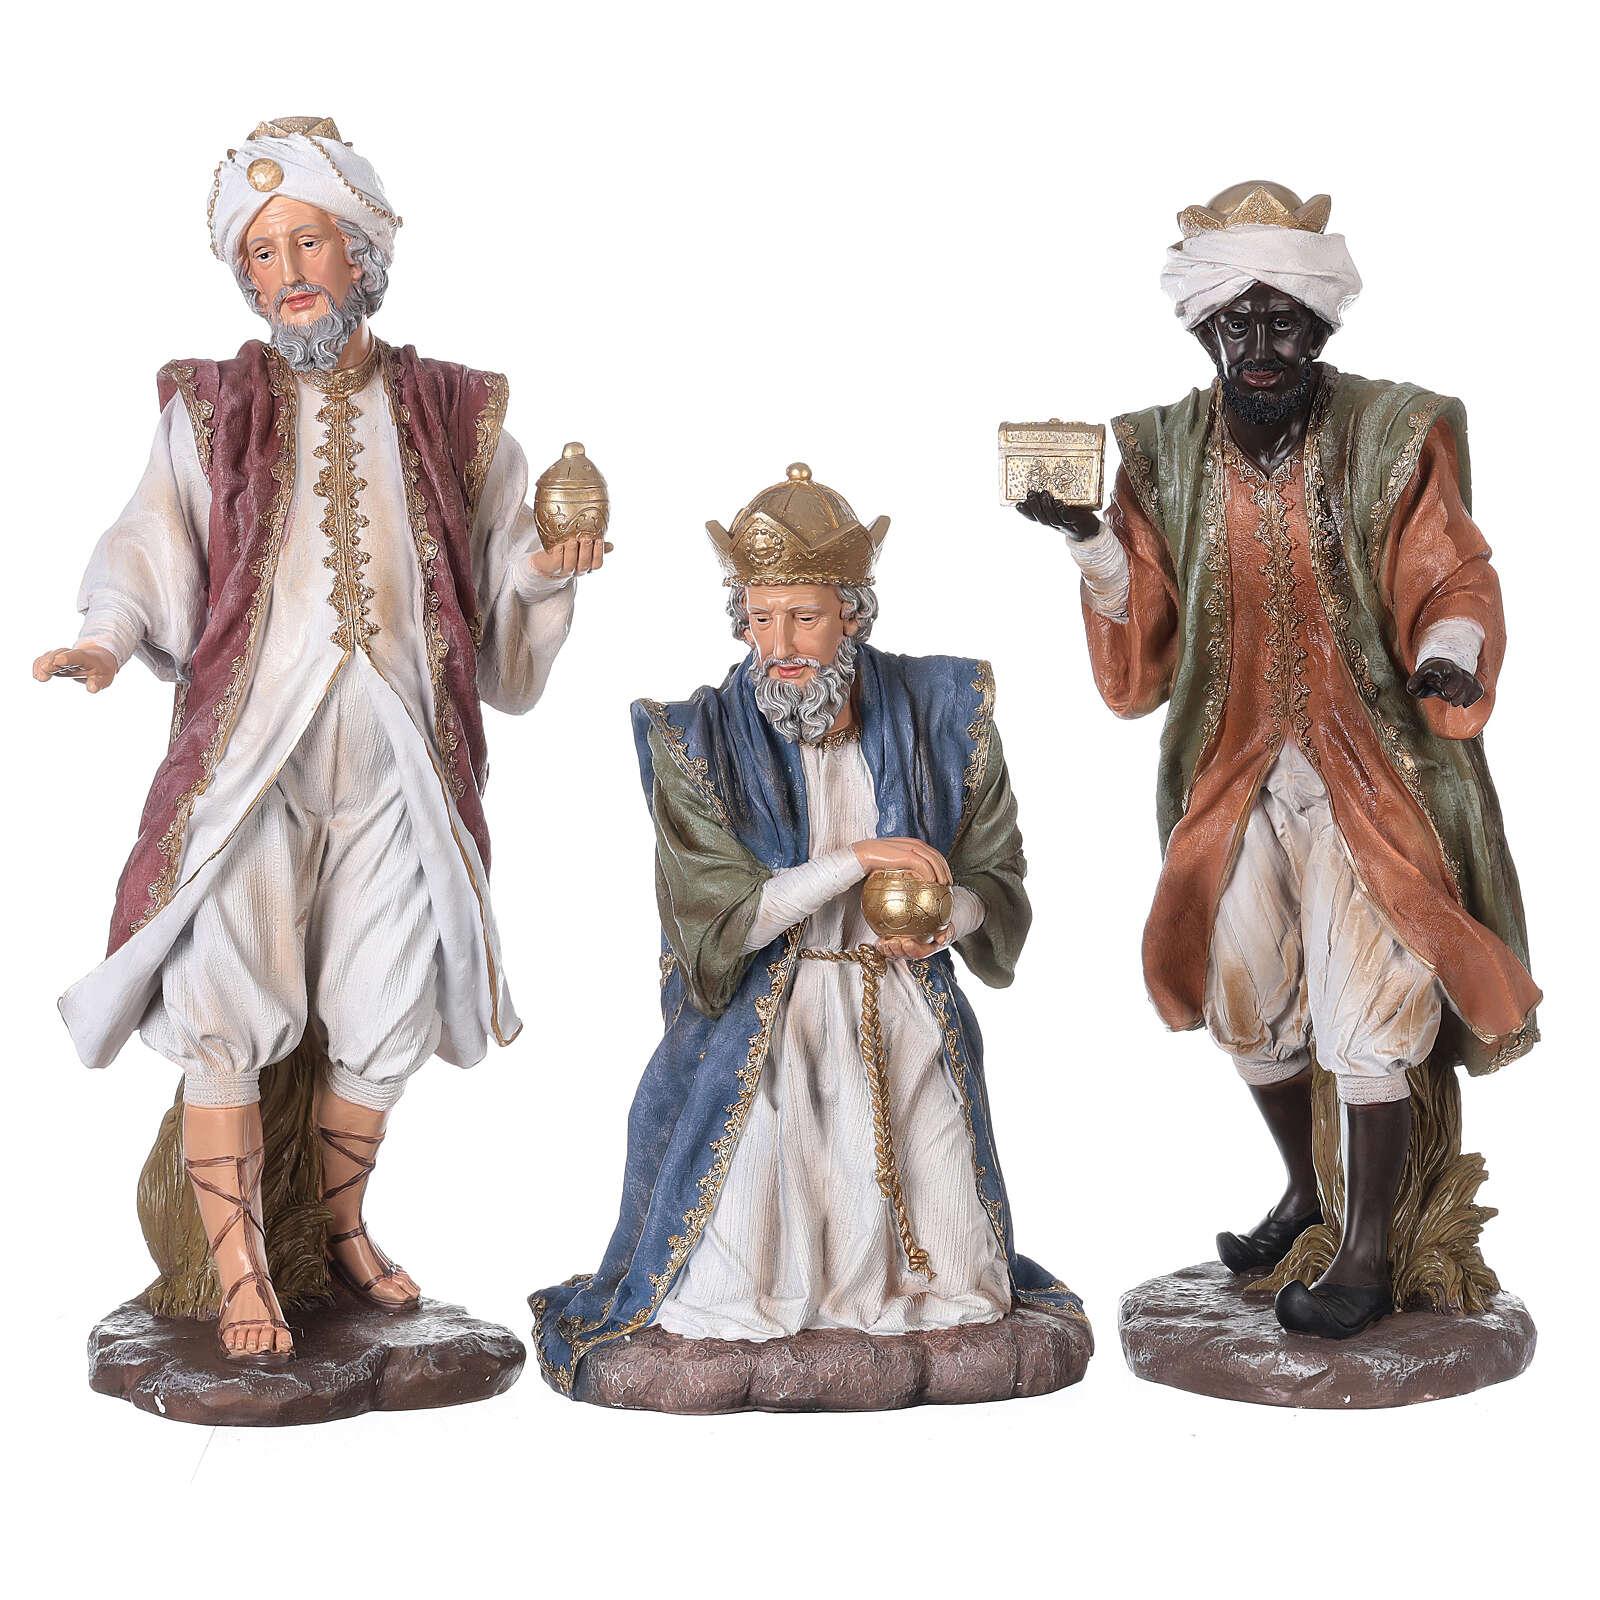 Presepe in resina dipinta 11 statue da 60 cm 4